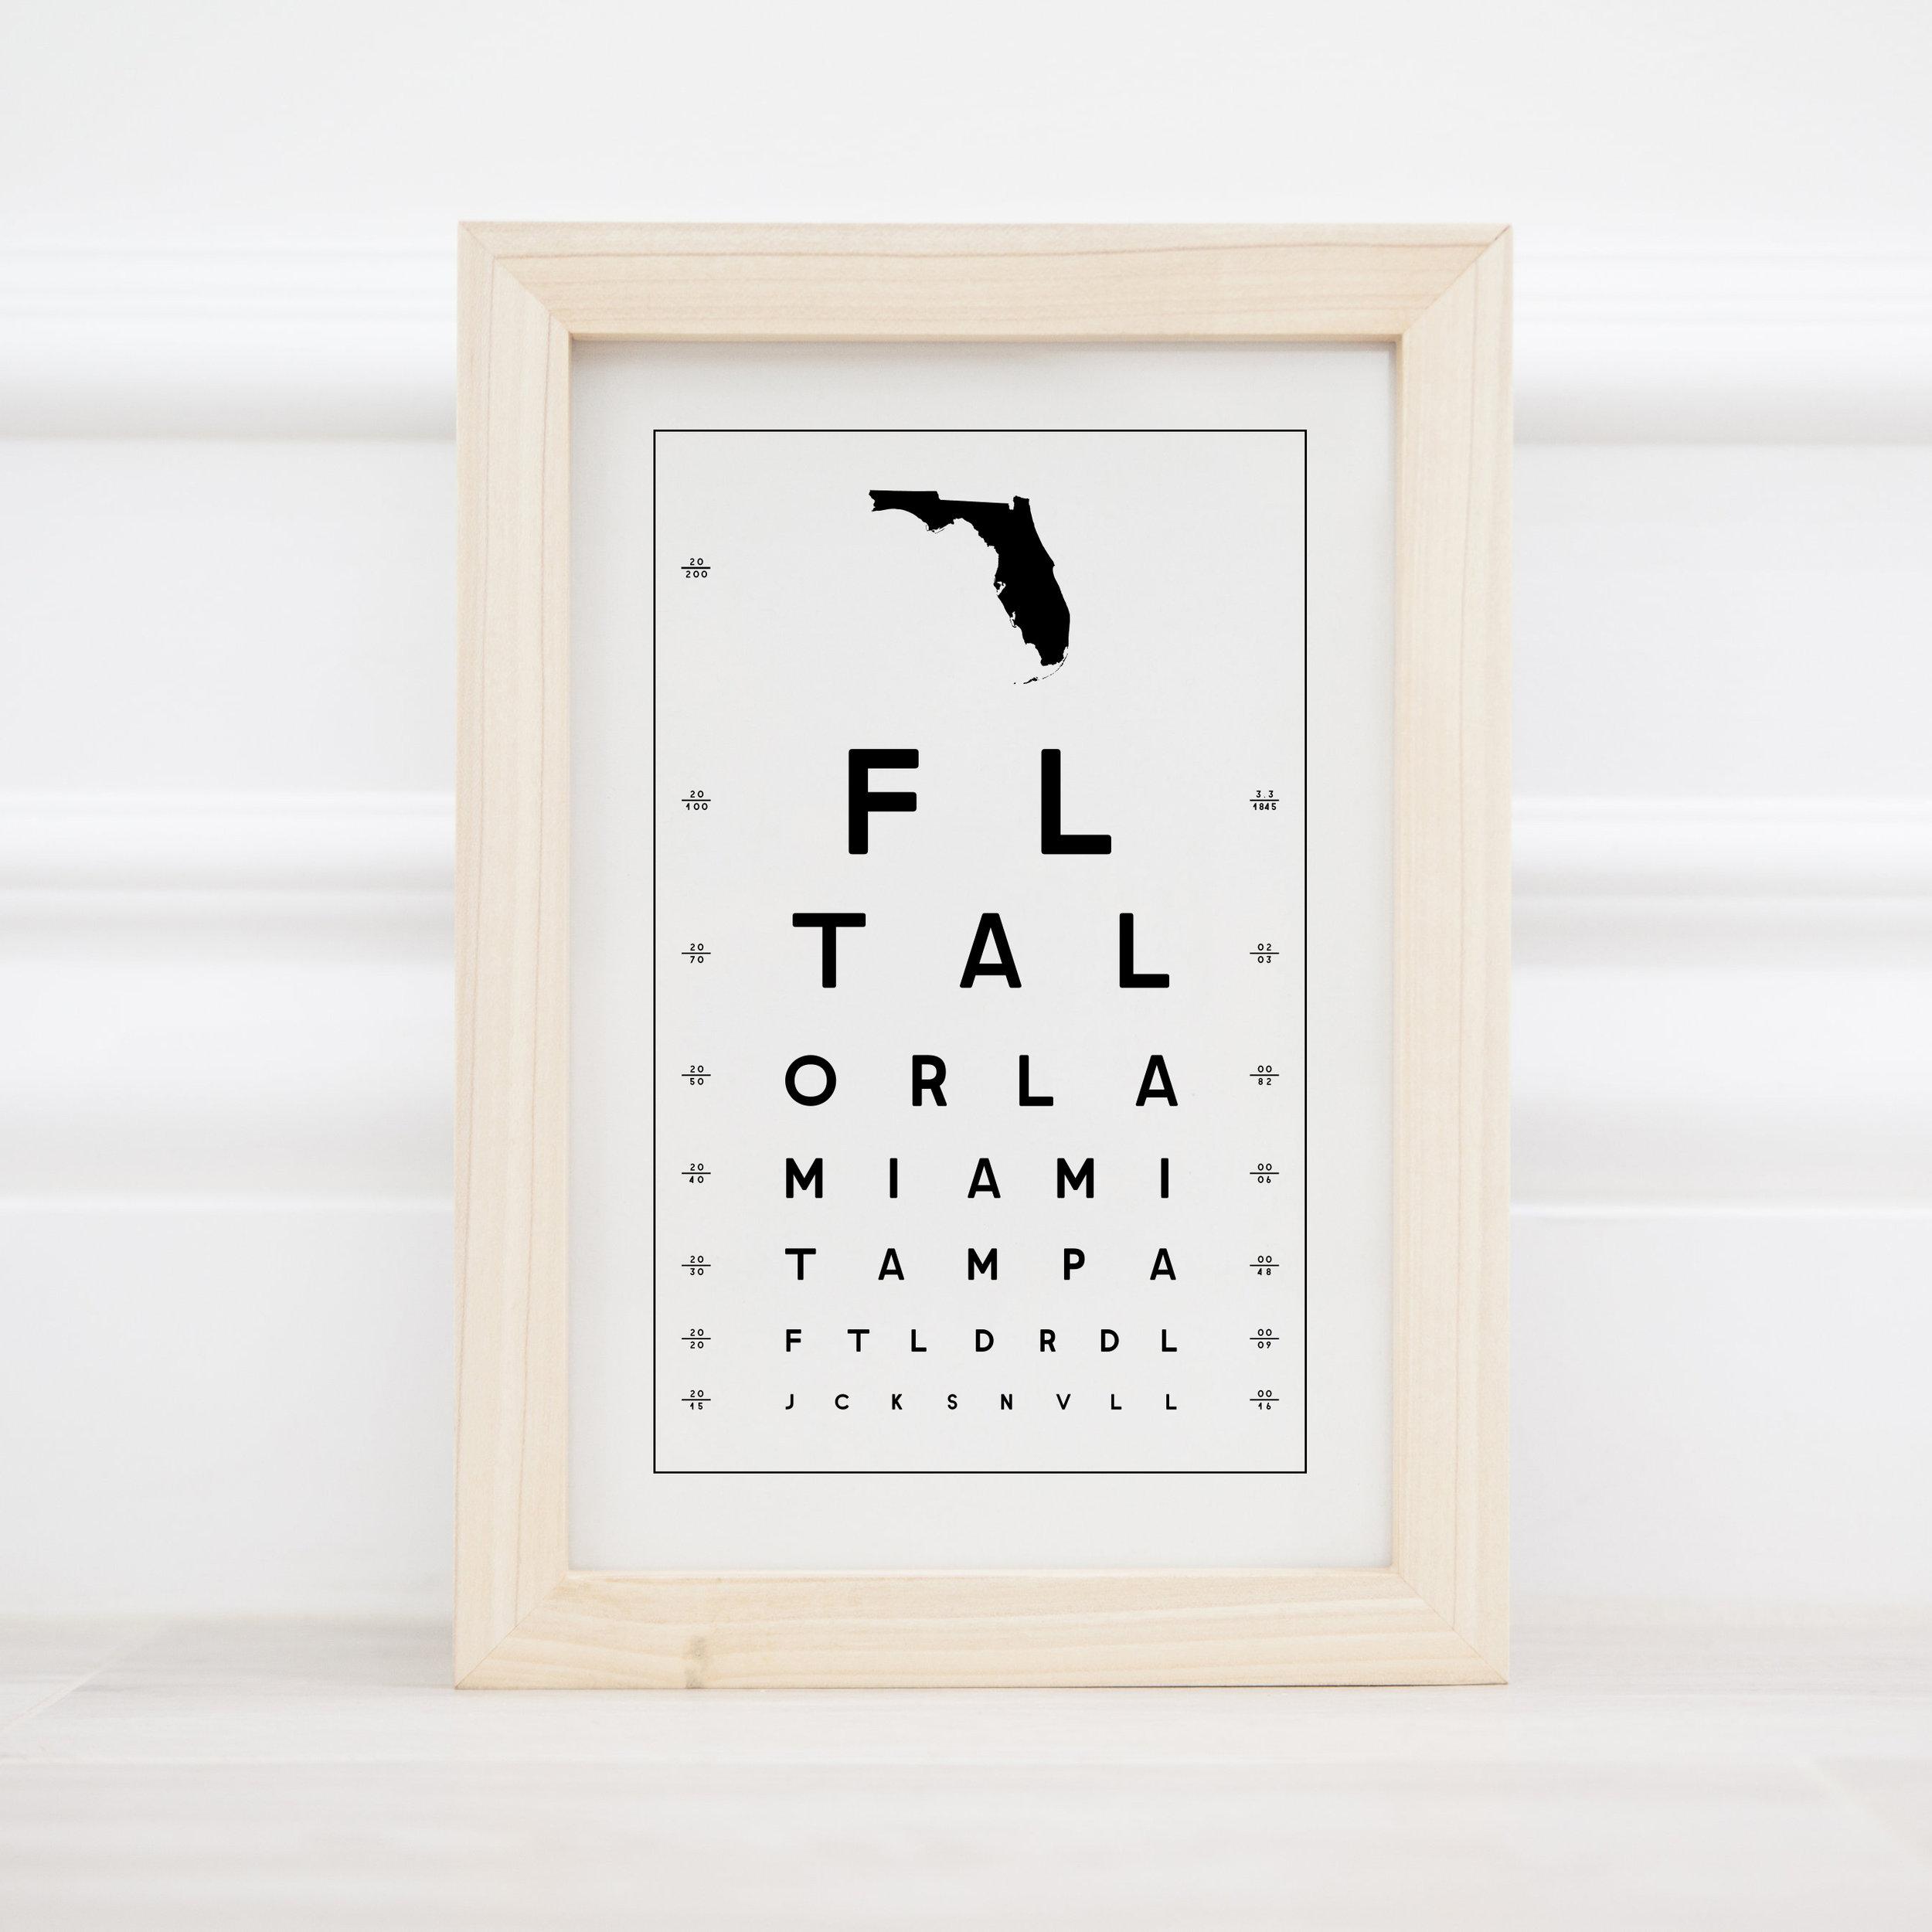 FL Framed1-1.jpg